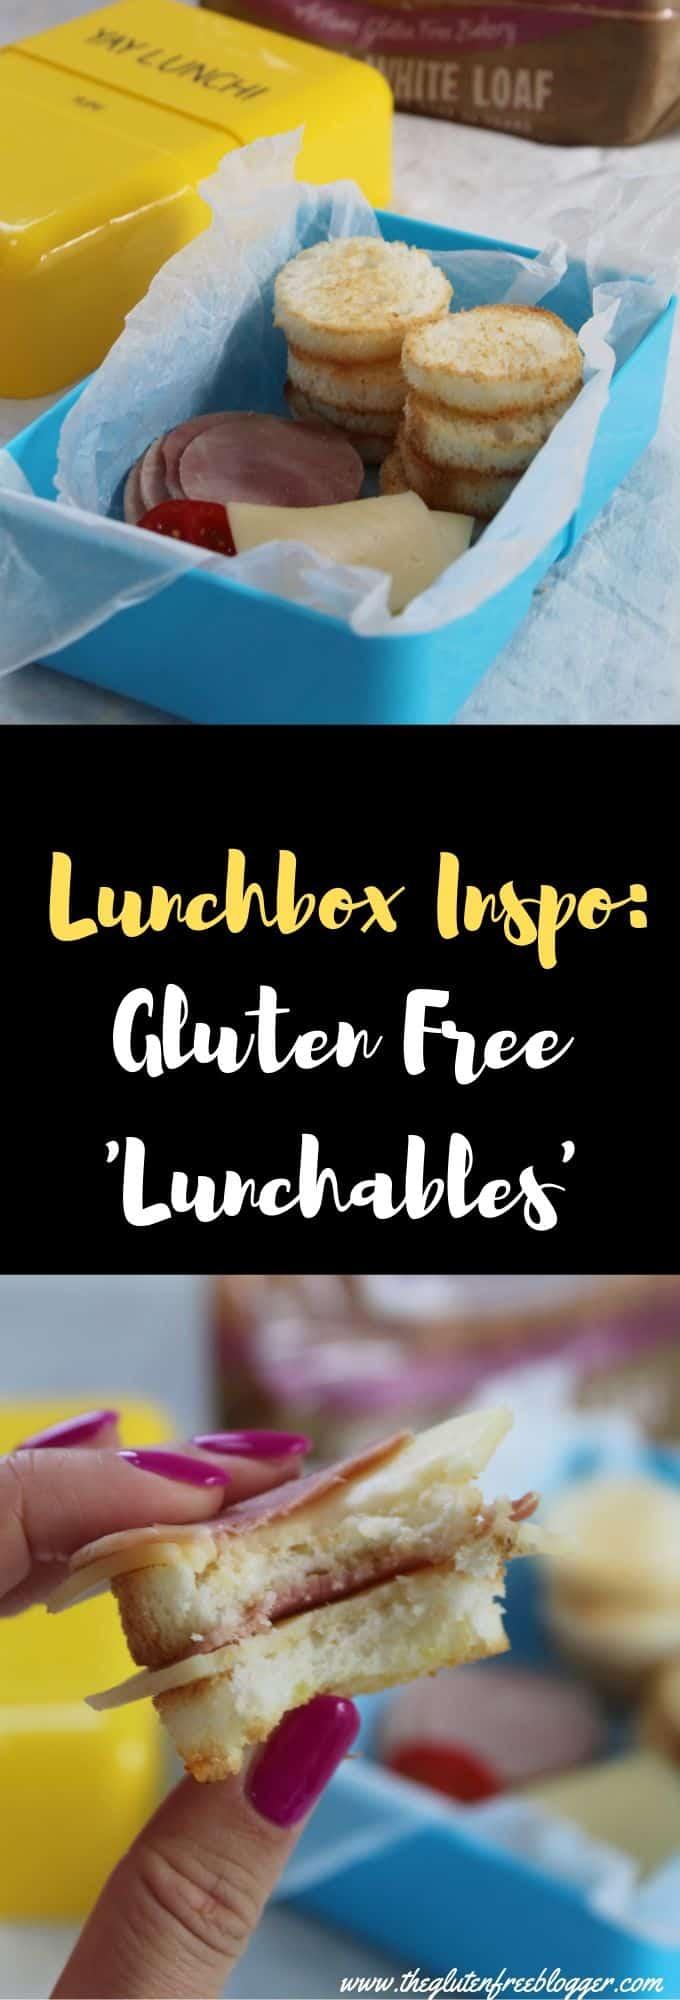 gluten free lunchbox ideas - gluten free children, coeliac children, lunch ideas for kids DIY lunchables